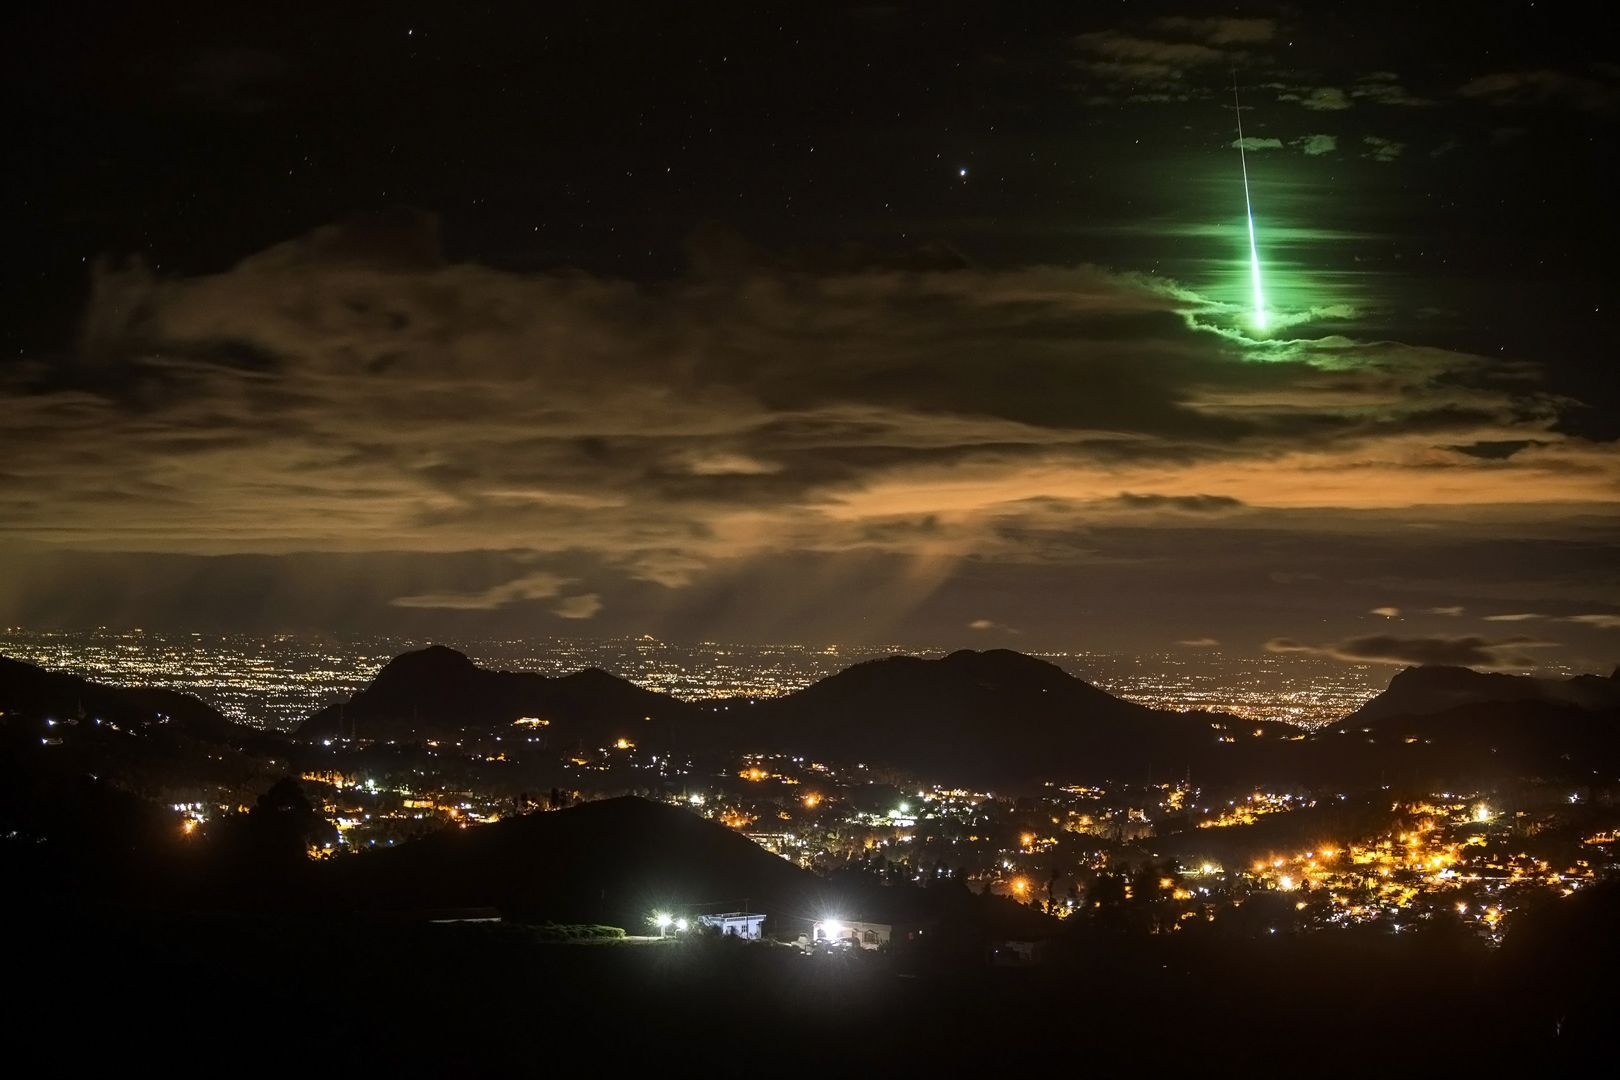 Japon : presque aussi brillant que la pleine lune, une boule de feu illumine le ciel nocturne Nippon